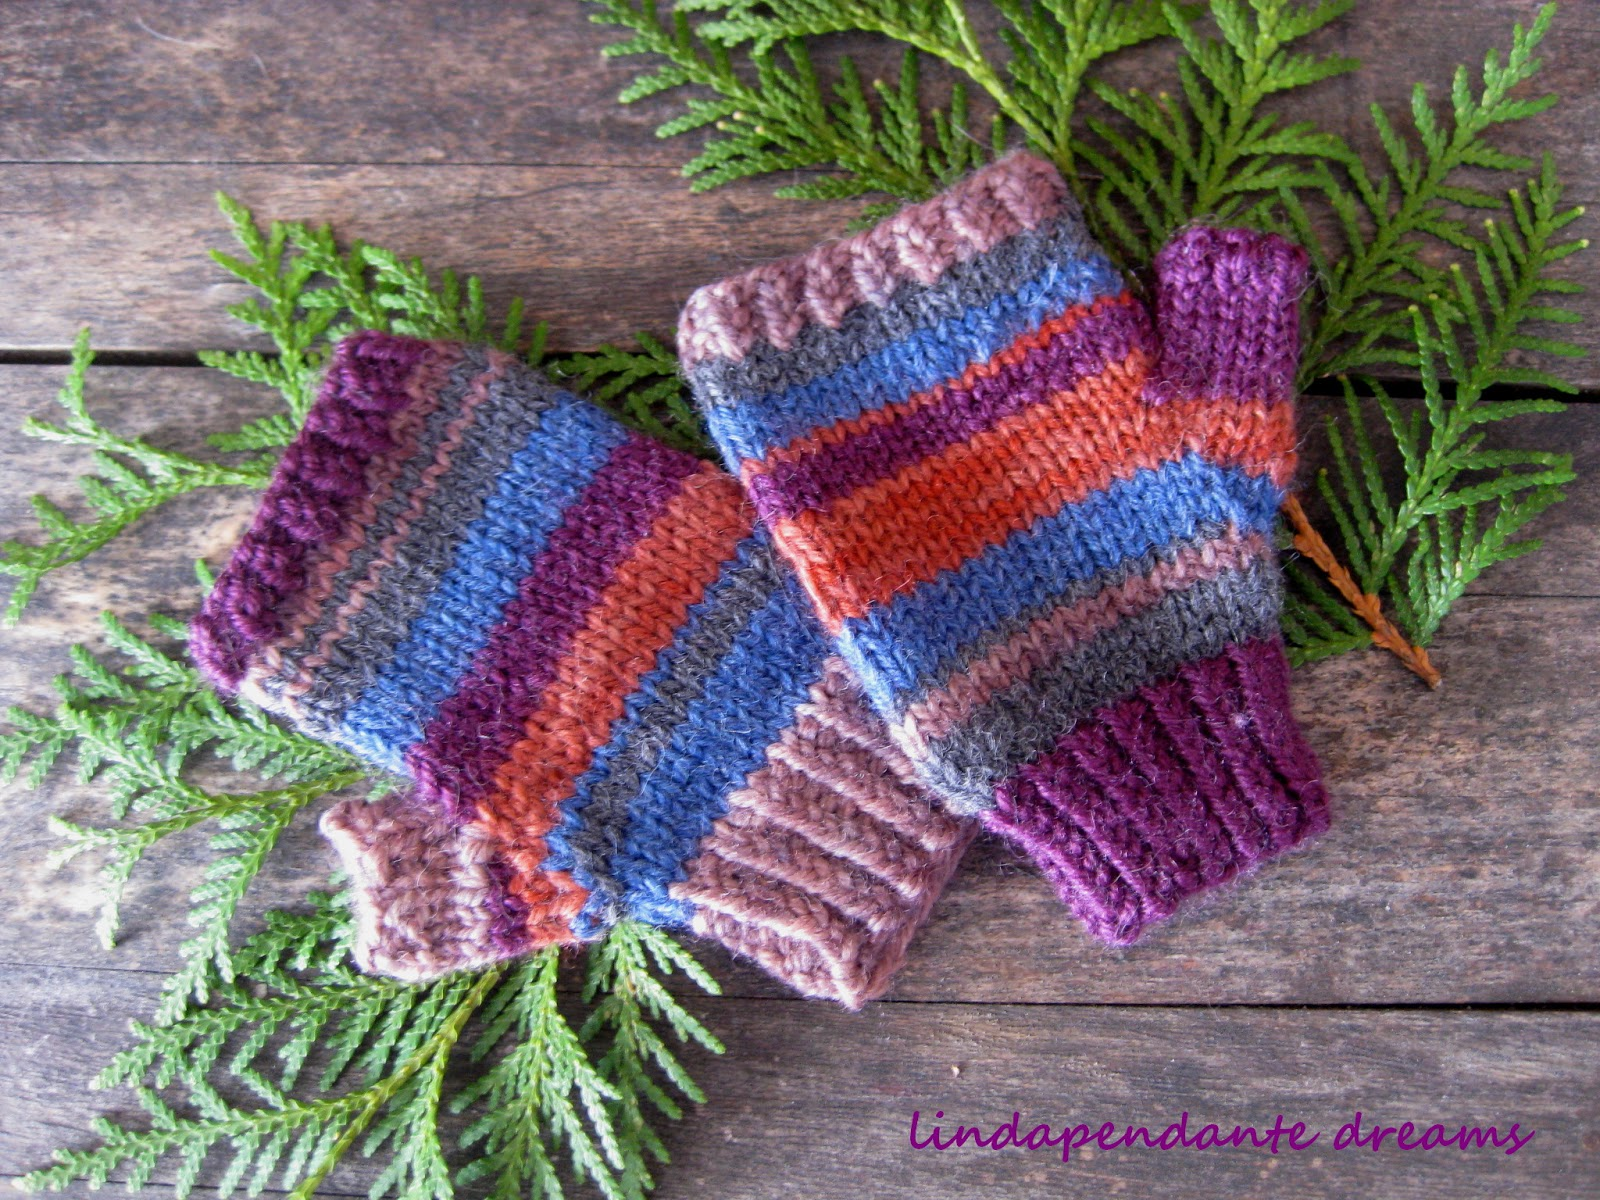 Knitting Patterns Fingerless Gloves Childrens : lindapendante dreams: Childrens Fingerless Gloves